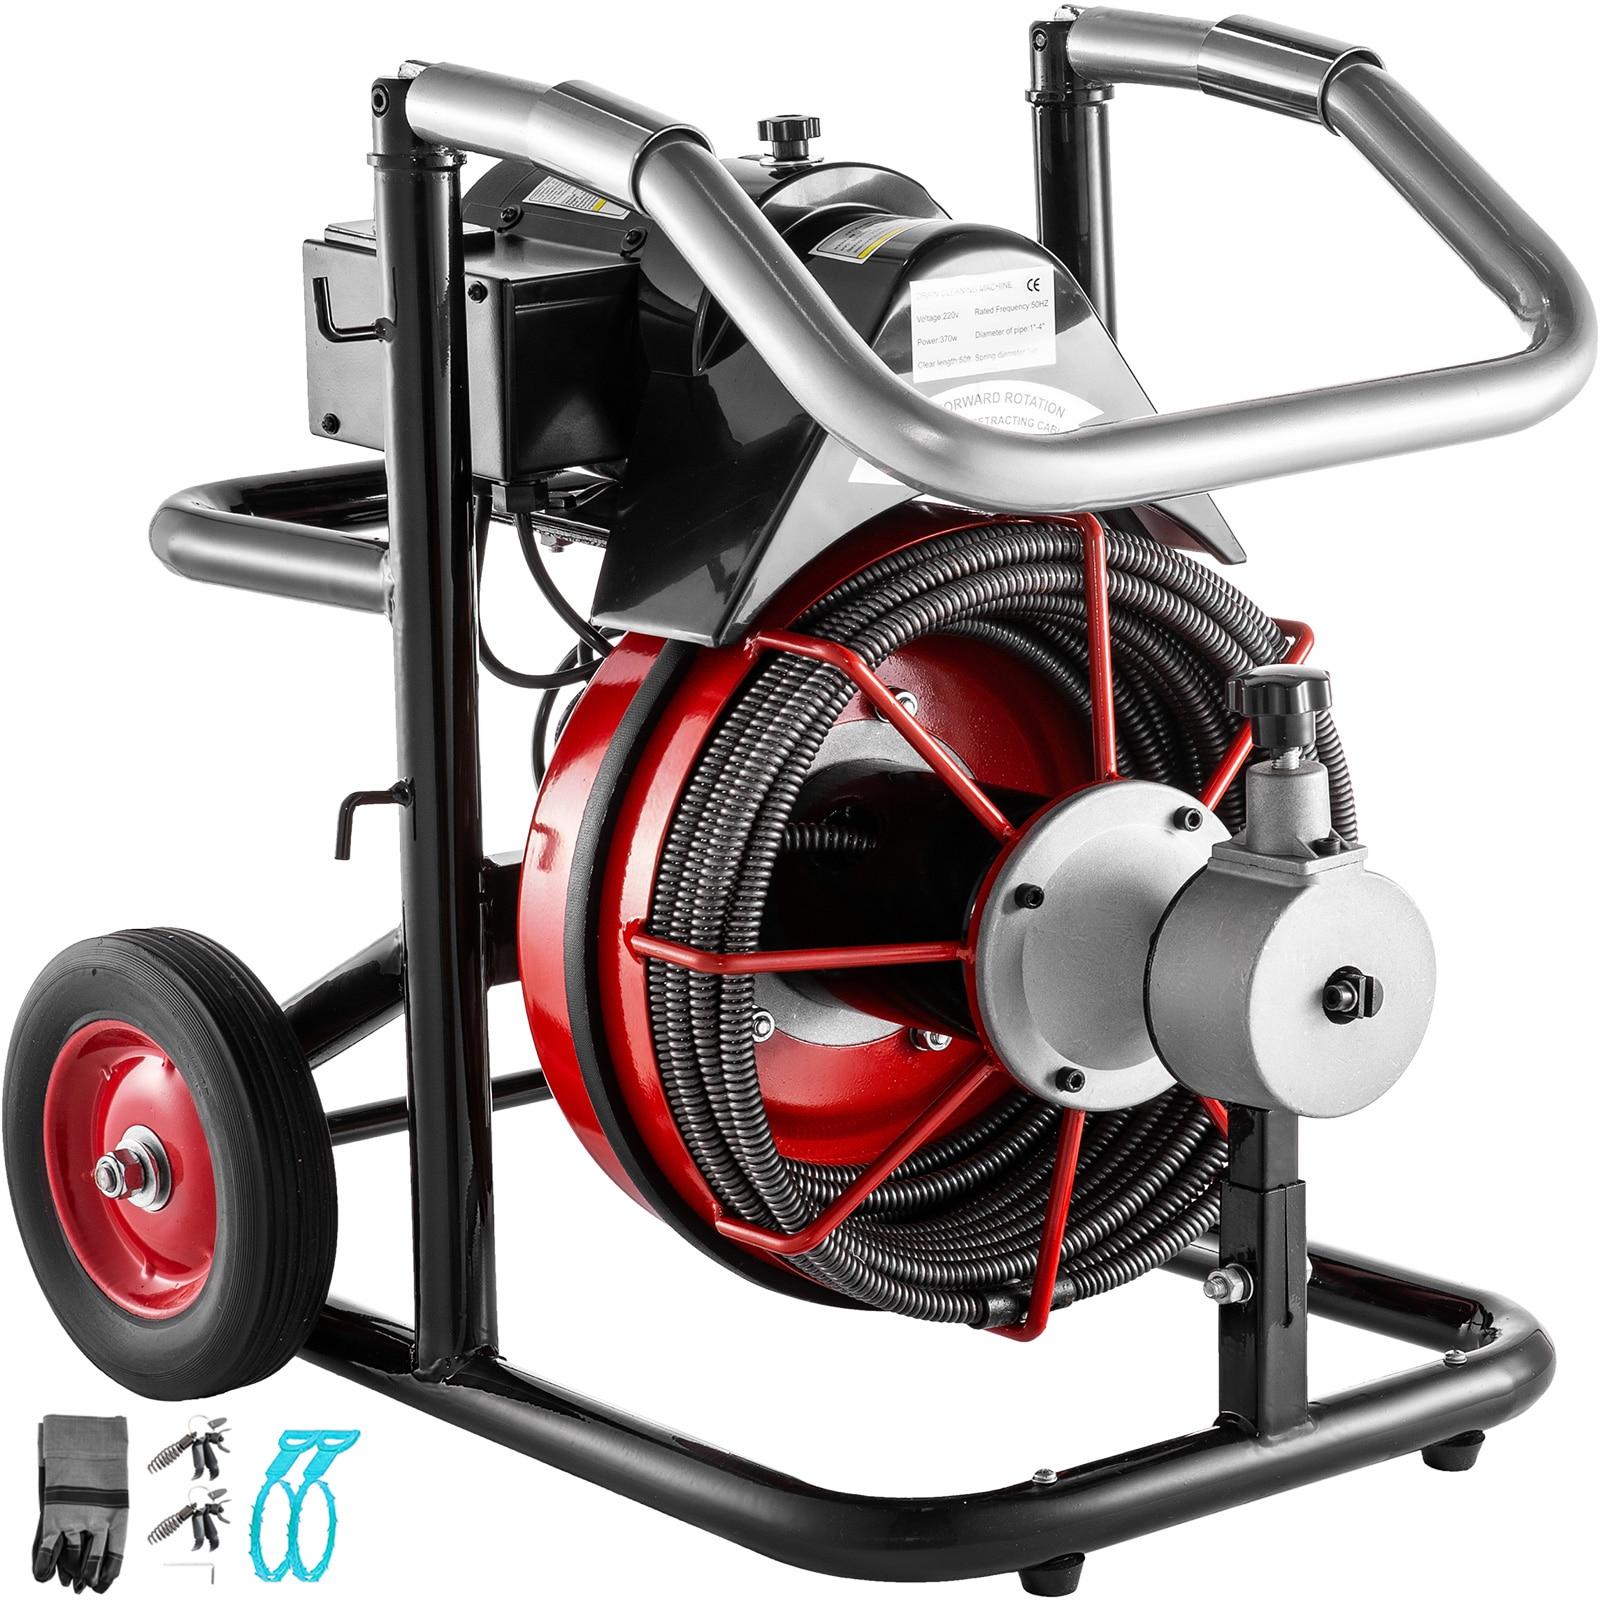 VEVOR استنزاف تنظيف آلة 100Ft x 3/8 بوصة صالح 25 إلى 100 مللي متر أنابيب 370W المجاري الأفعى الكهربائية استنزاف اوجير نظافة